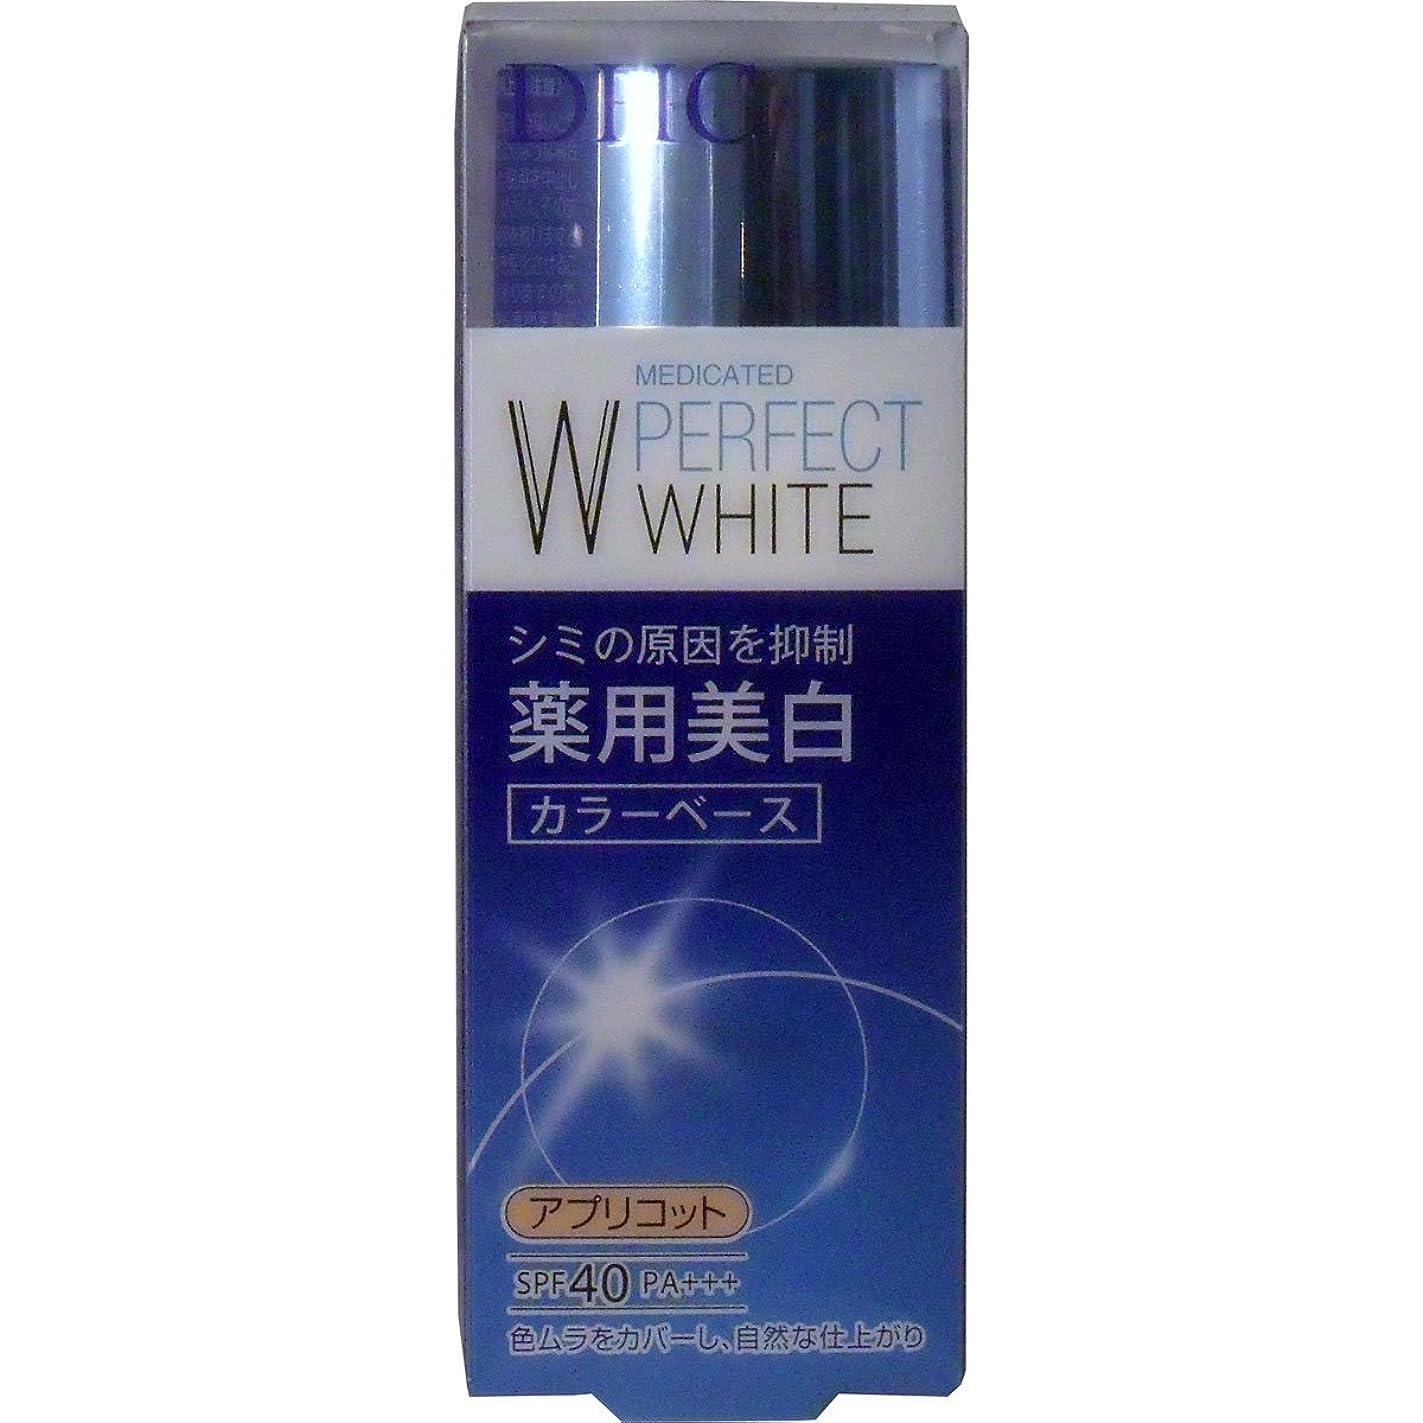 詐欺師クスコ戸棚DHC 薬用美白パーフェクトホワイト カラーベース アプリコット 30g (商品内訳:単品1個)